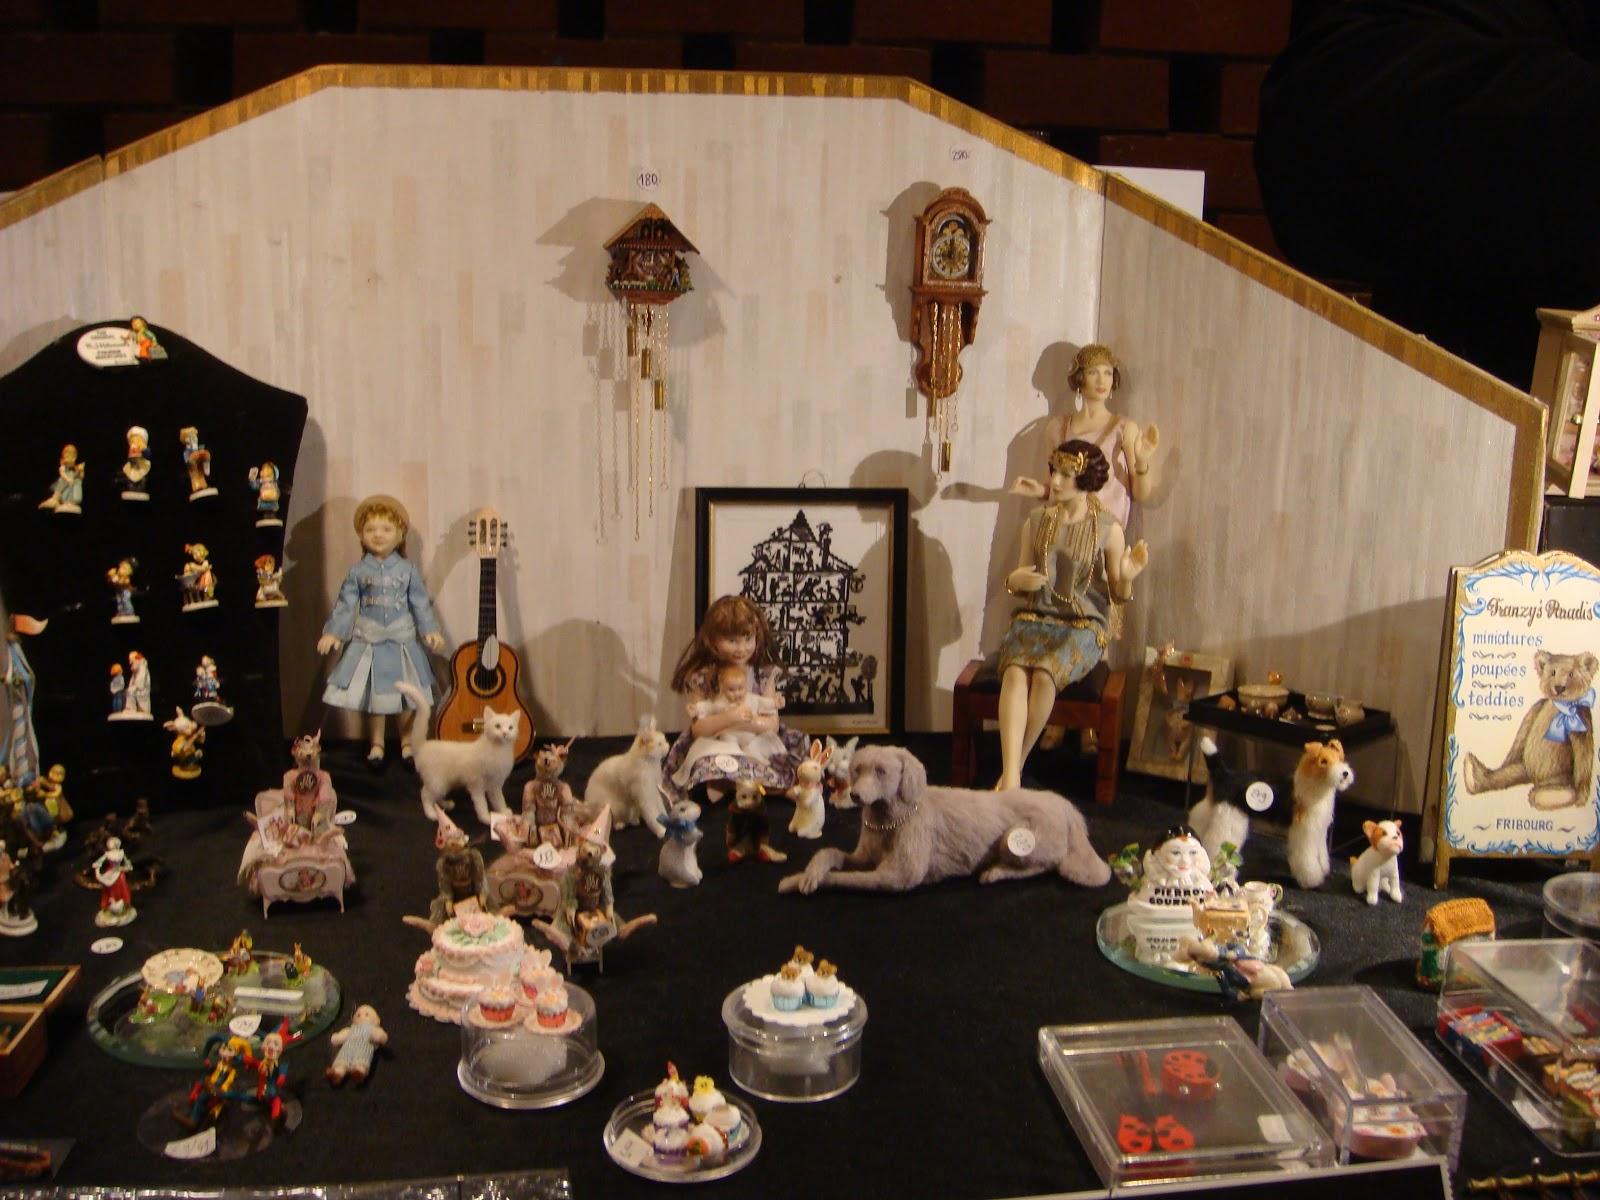 Janne fra landet: london Dollhouse Festival